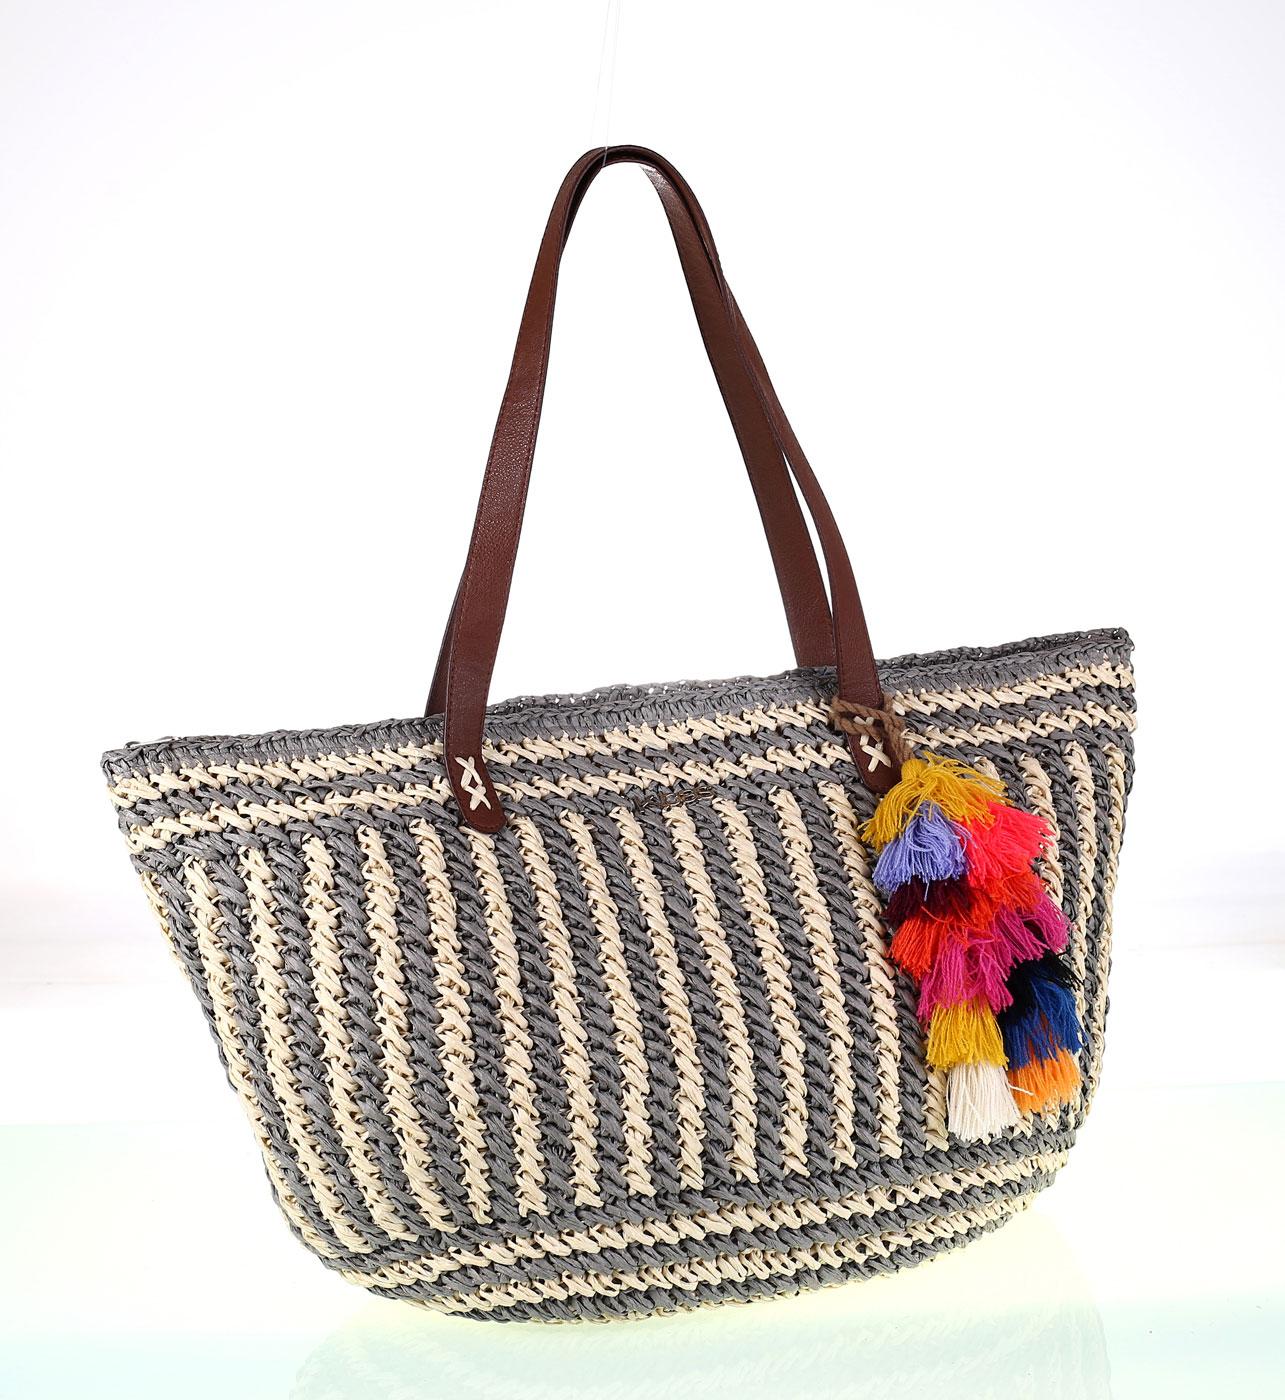 960049b96 Dámska taška zo syntetickej rafie Kbas s príveskom farebnými strapcami  šedo-krémová